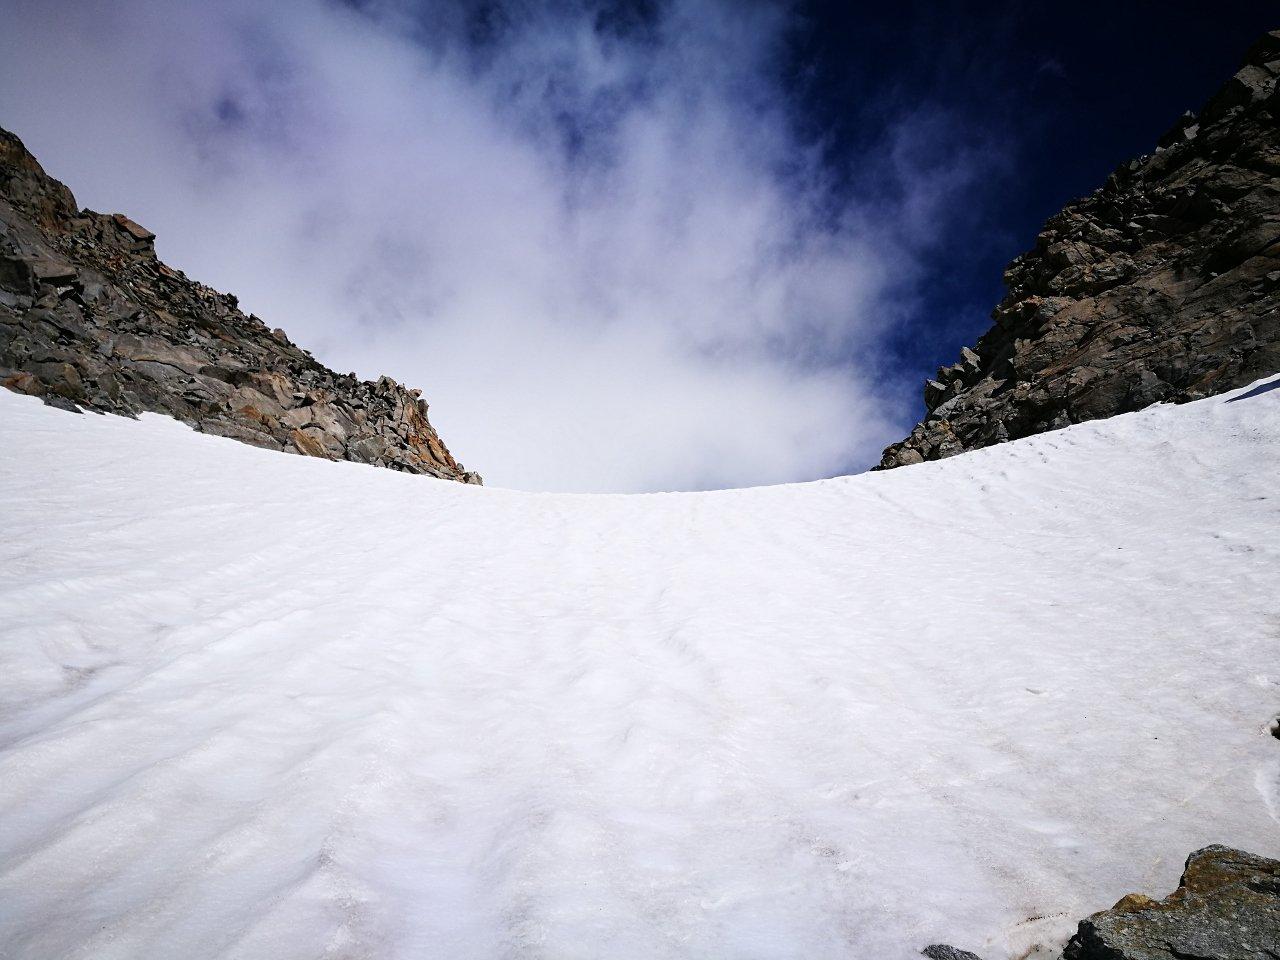 08 - 50 metri finali per il colle di Valnontey, inizio a 38°, poi a 40°